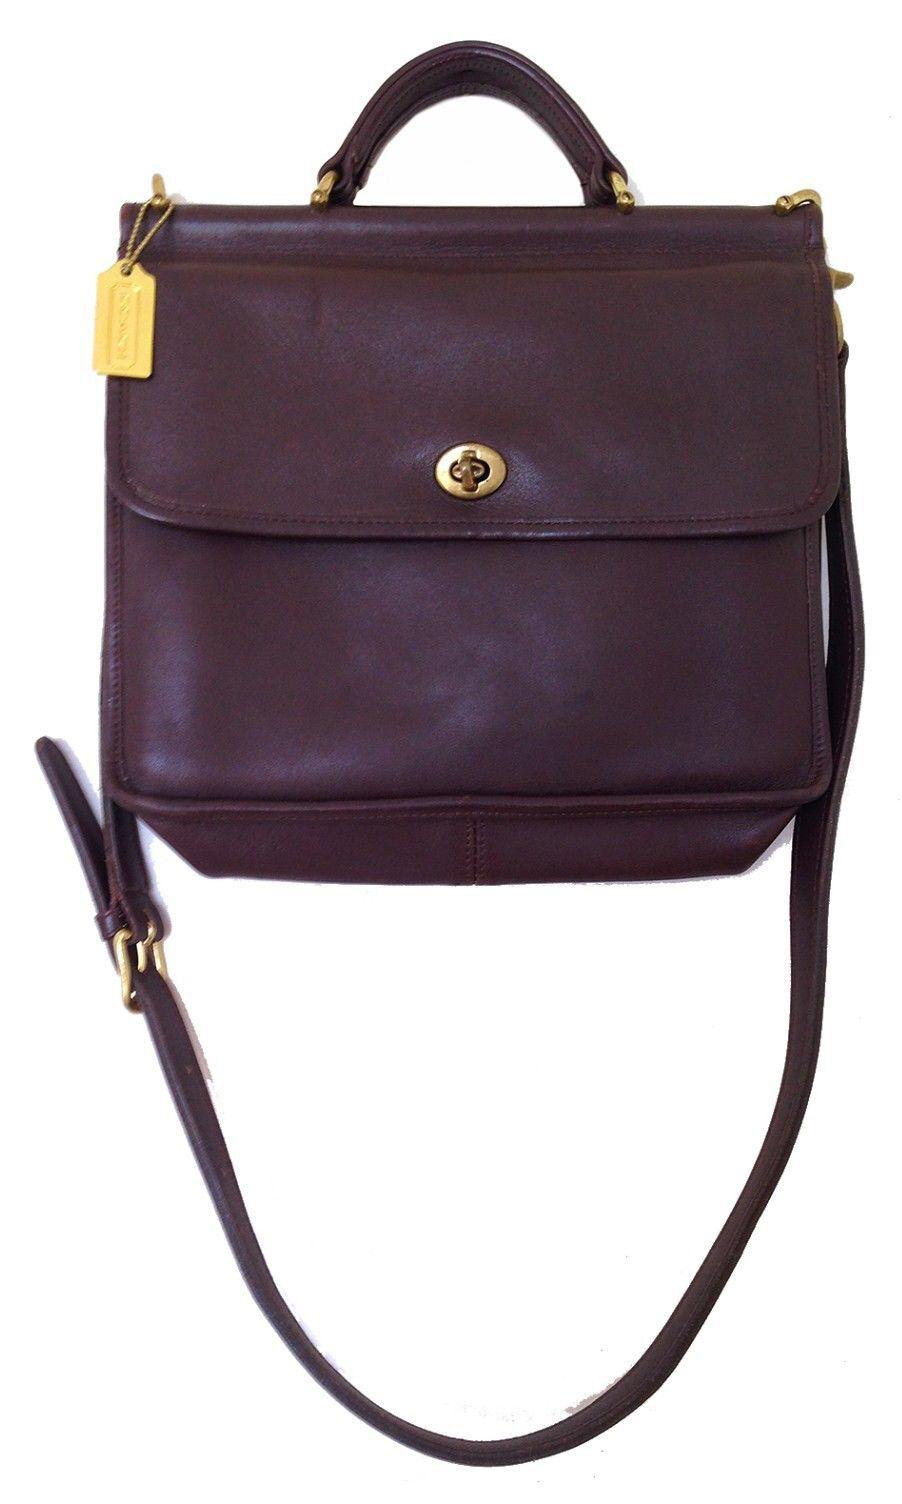 coach most popular handbags